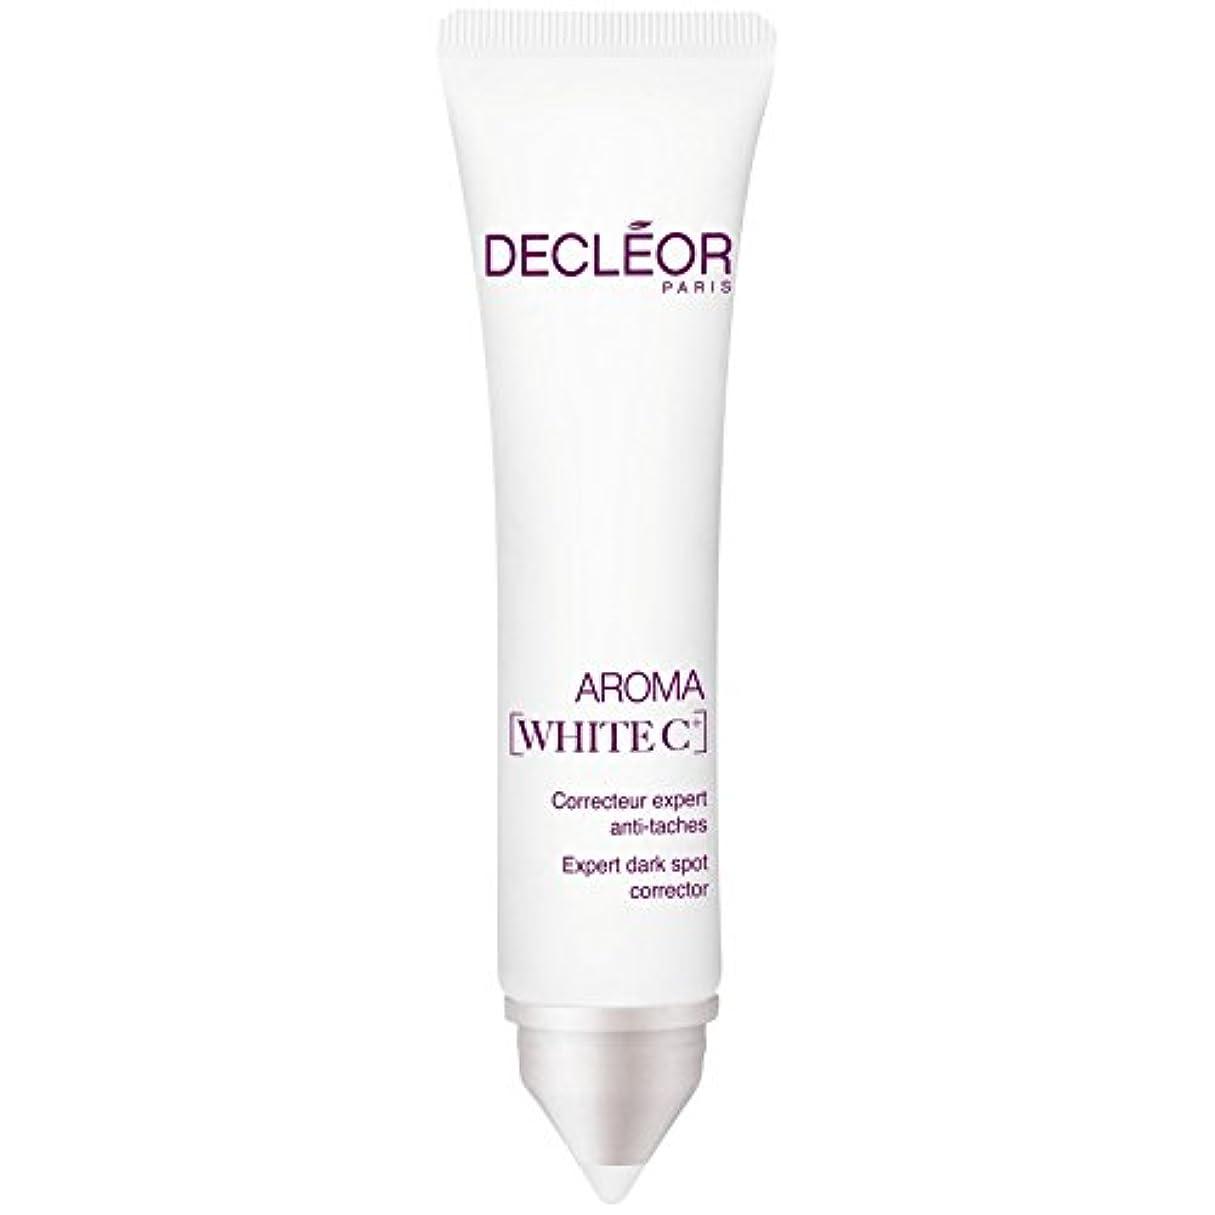 出来事ネブ集団的[Decl?or] デクレオールアロマホワイトC +専門ダークスポット補正15ミリリットル - Decl?or Aroma White C+Expert Dark Spot Corrector 15ml [並行輸入品]